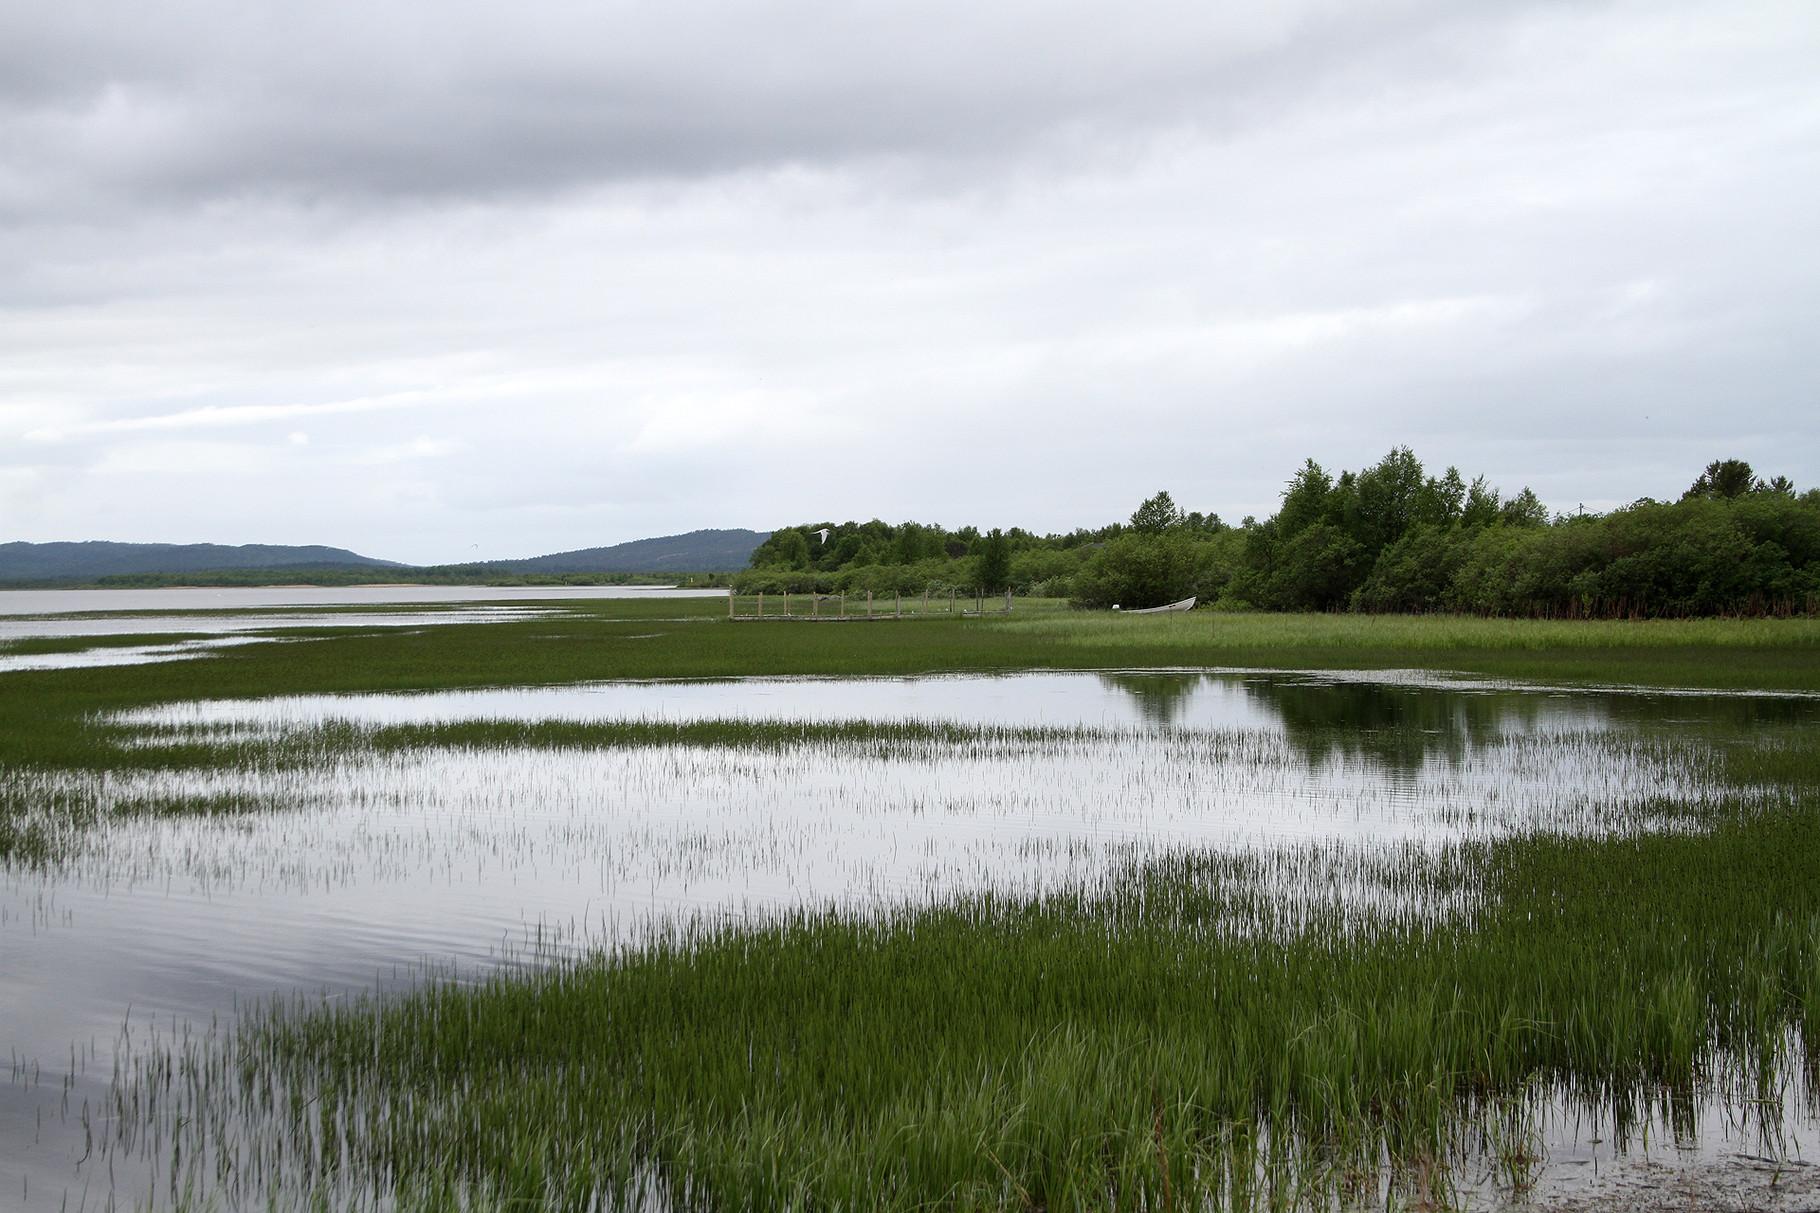 Am Pasvik-Fluss in der Nähe von Skroytnes